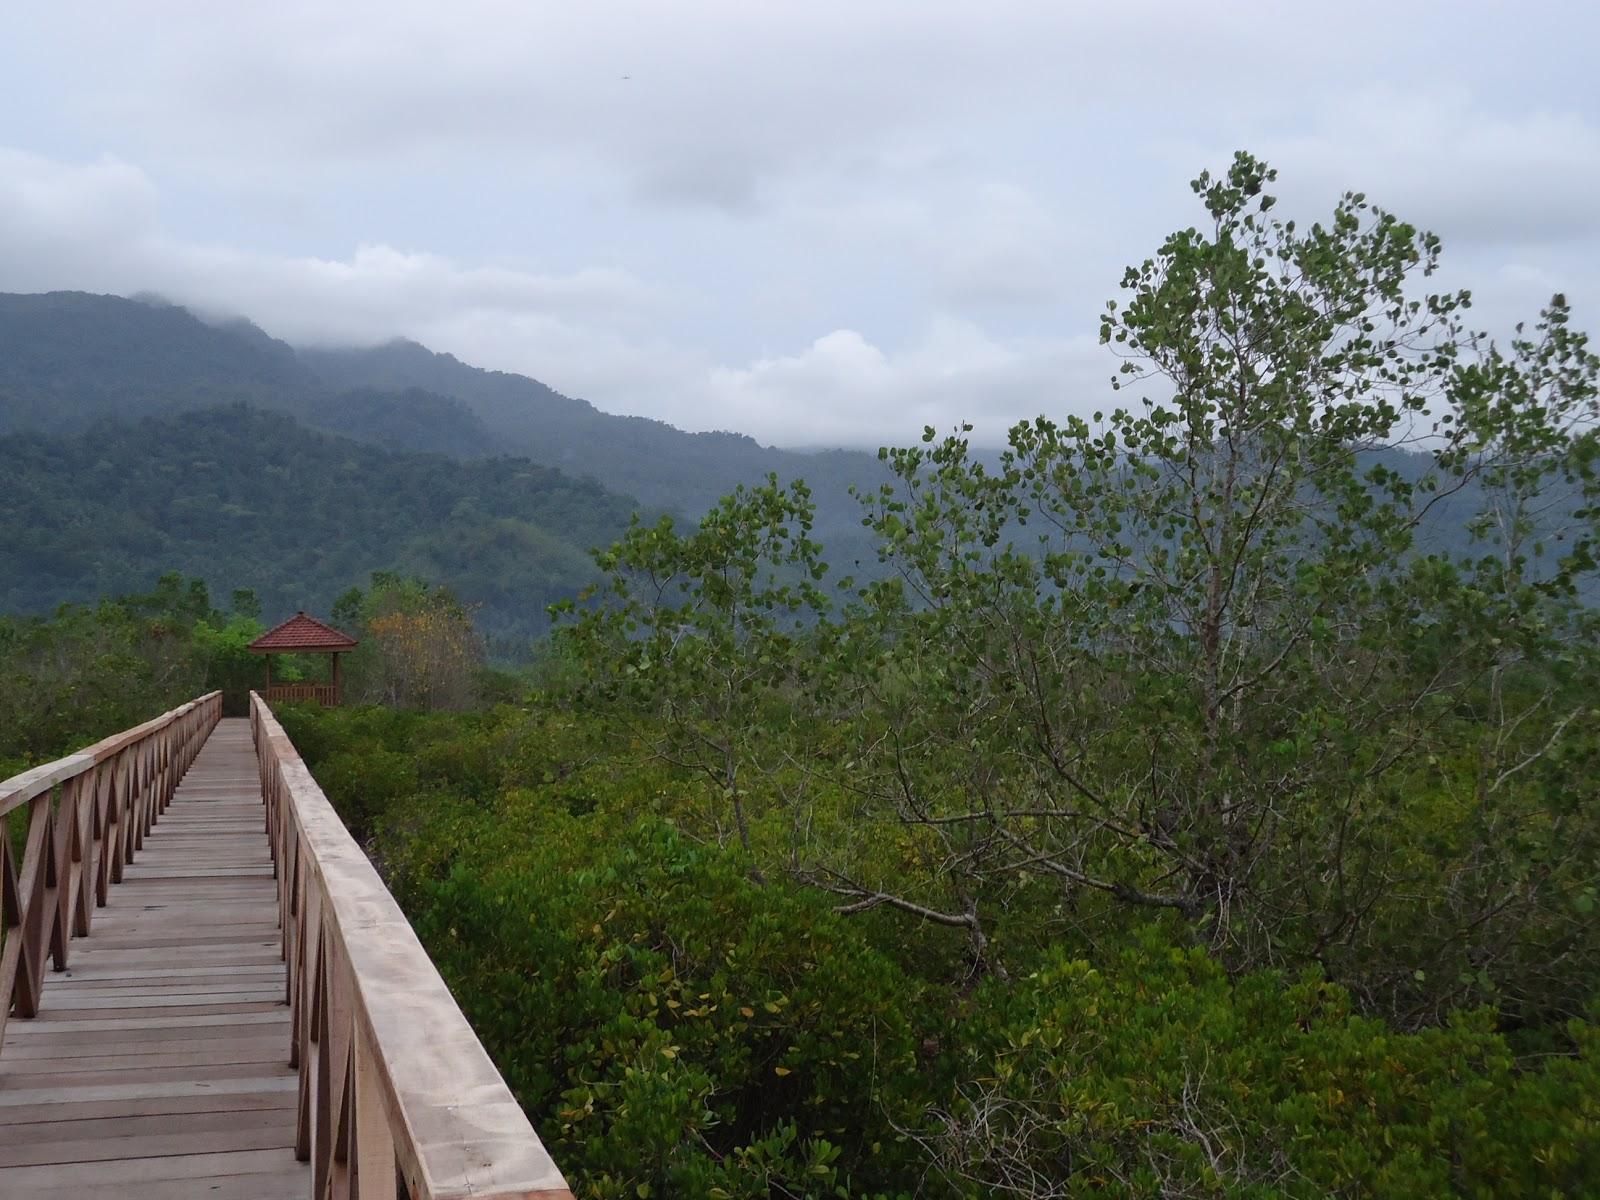 Hutan Mangrove Pancer Cengkrong Eksotik Trenggalek Jawa Timur Kab